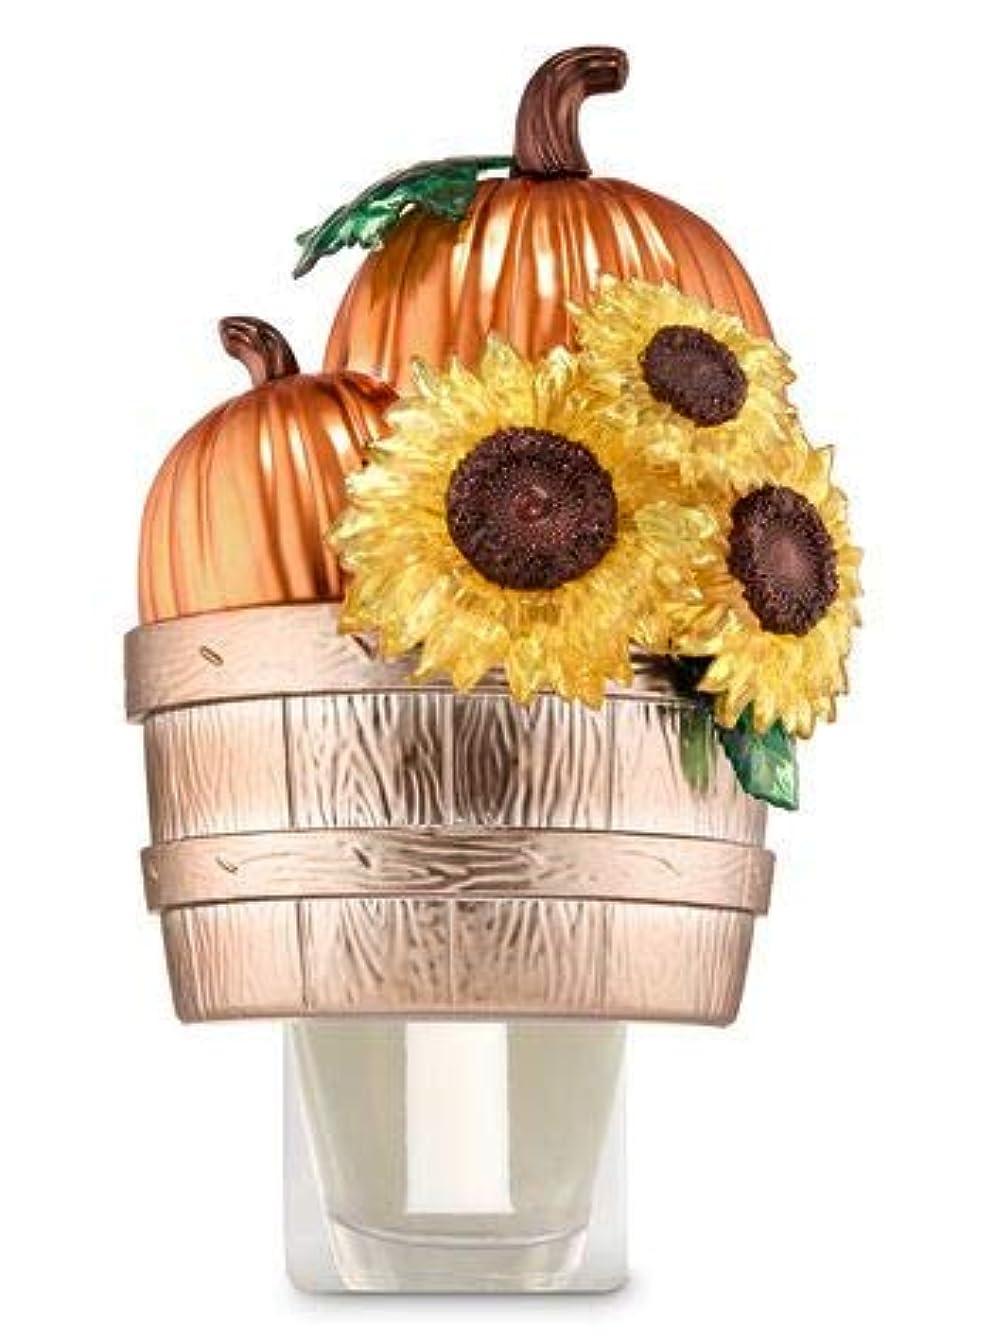 経験ペグほこり【Bath&Body Works/バス&ボディワークス】 ルームフレグランス プラグインスターター (本体のみ) パンプキン&サンフラワーバスケット Wallflowers Fragrance Plug Pumpkins & Sunflowers Basket [並行輸入品]